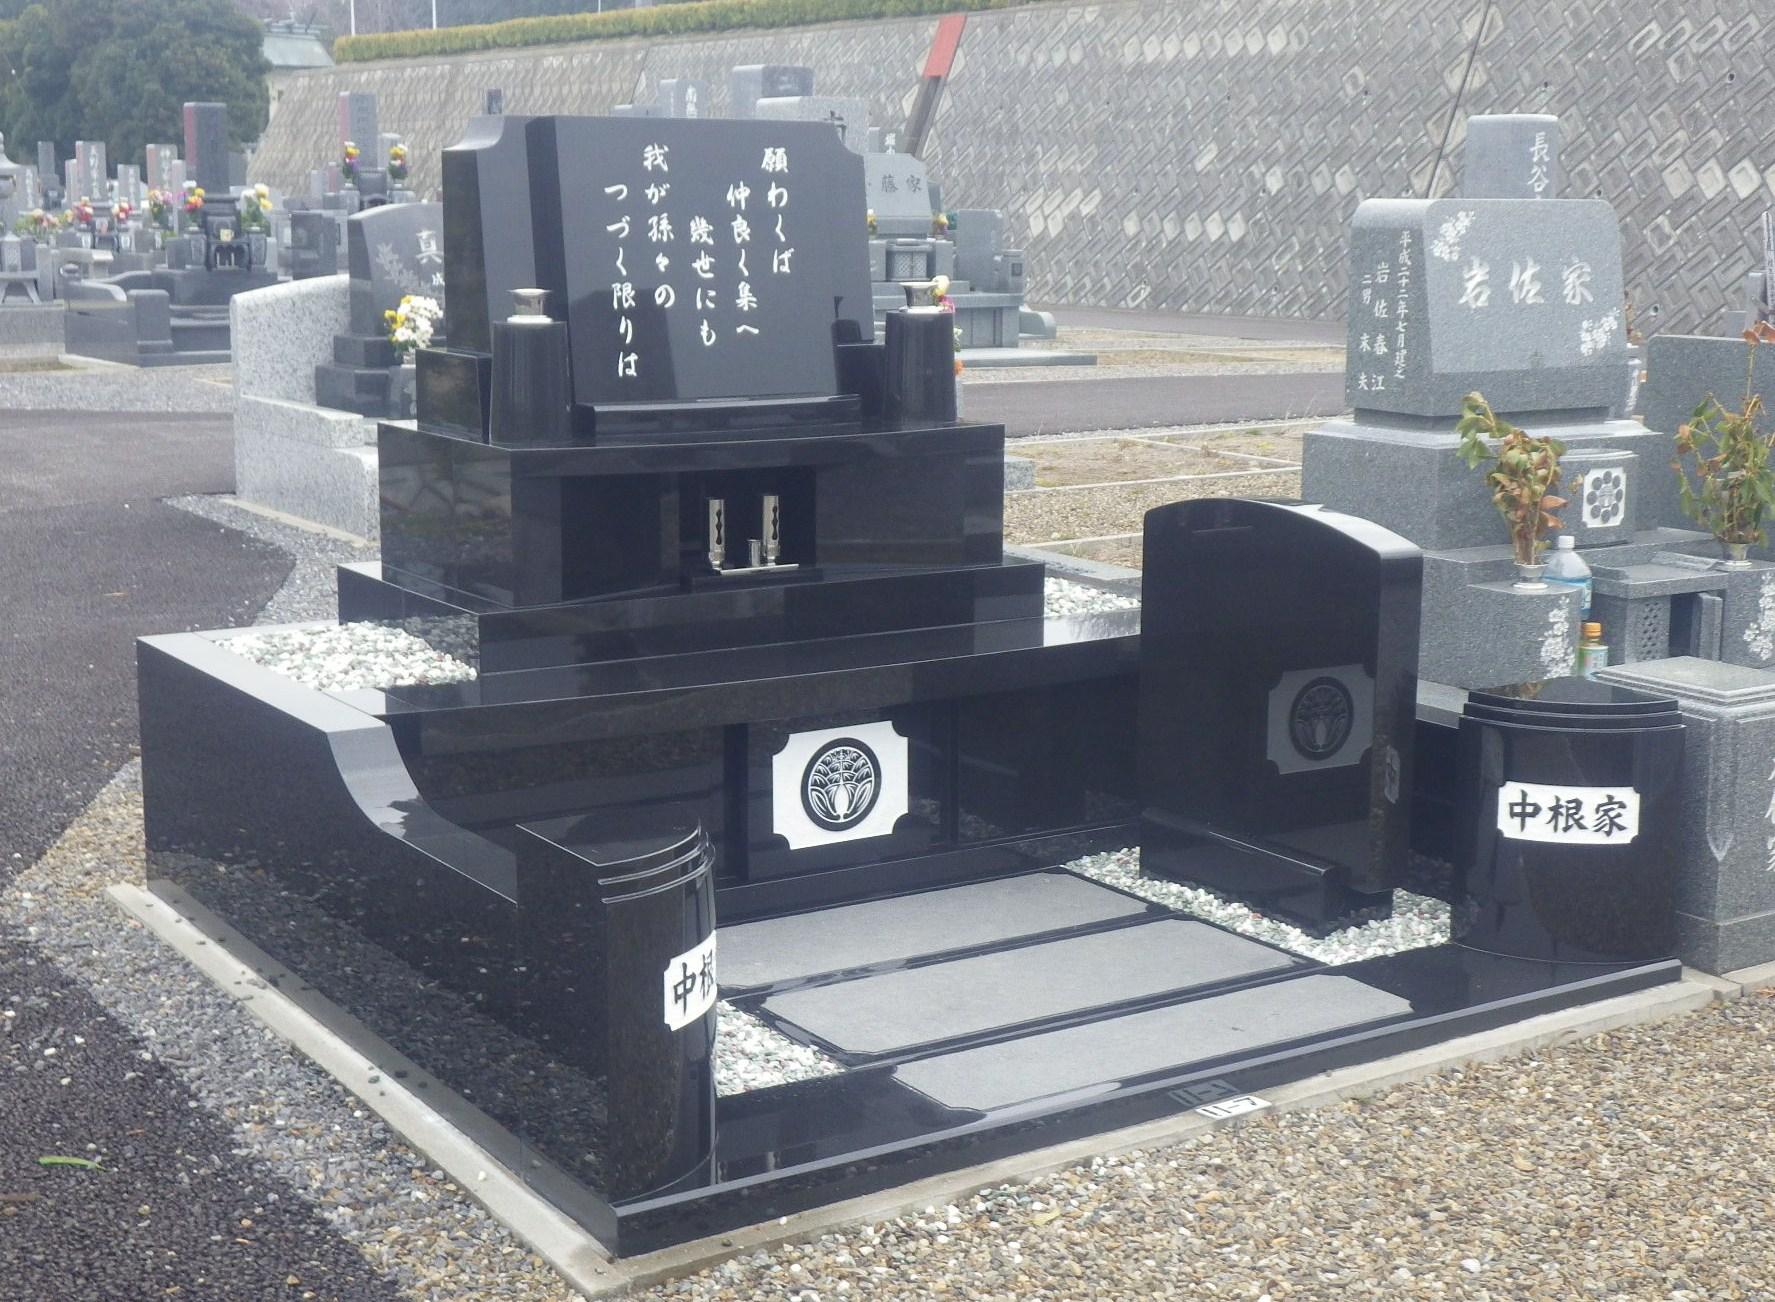 201403 ○西尾市貝吹町 貝吹墓地(11-7)   インド産 クンナム デザイン墓石 中根敏晴様